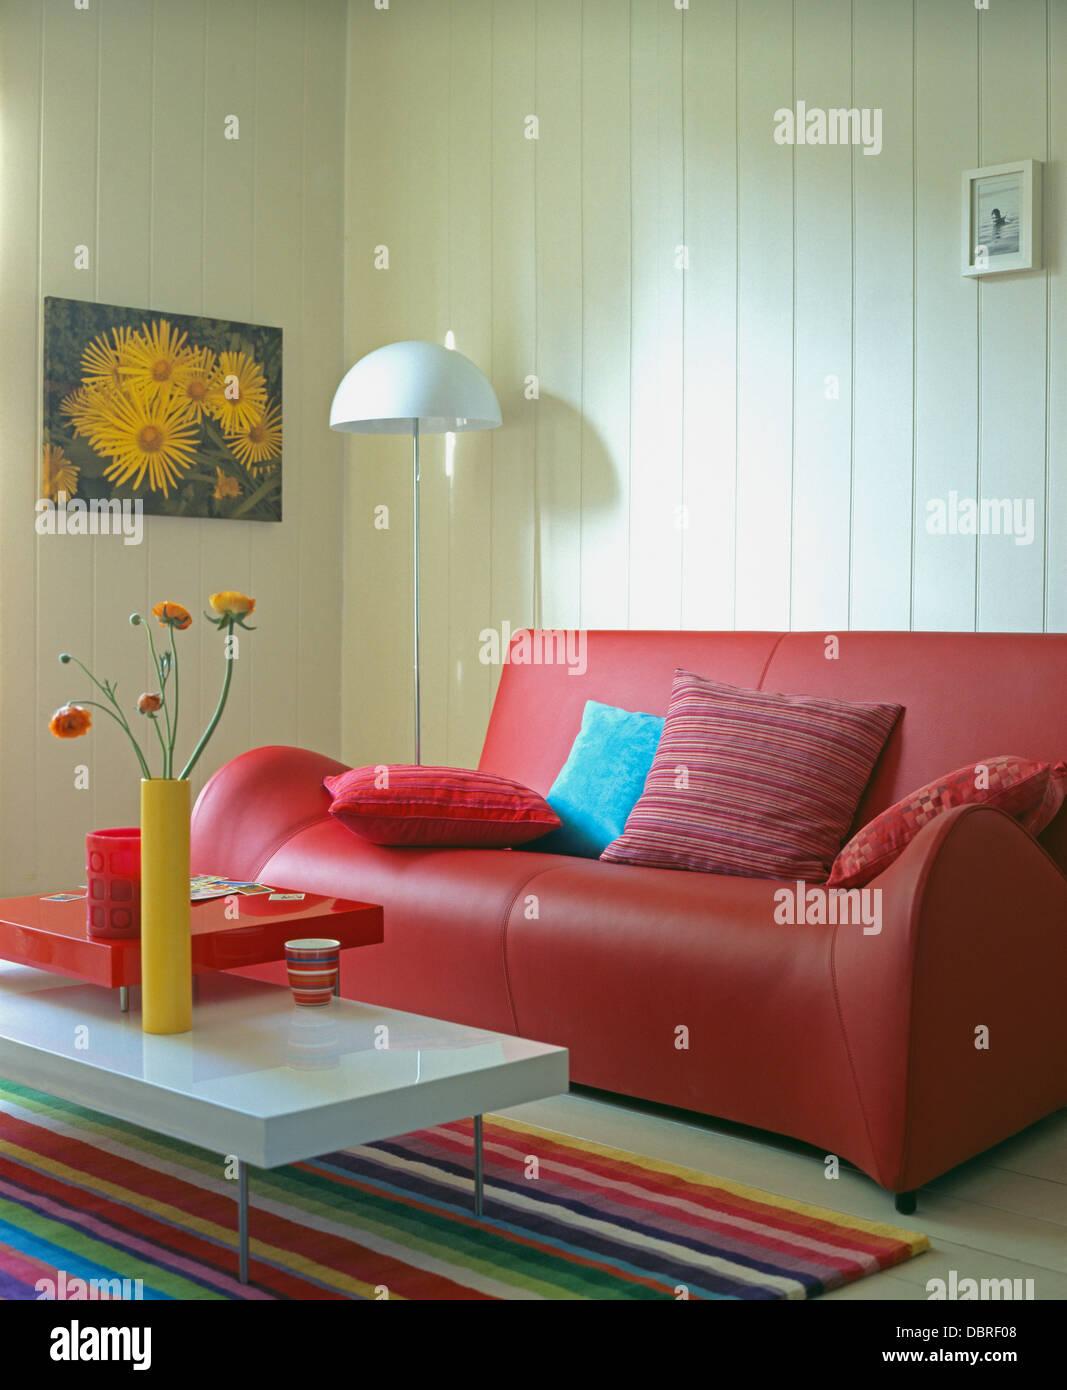 Corian-Spitze Tisch und bunt gestreiften Teppich vor rotem Ledersofa ...